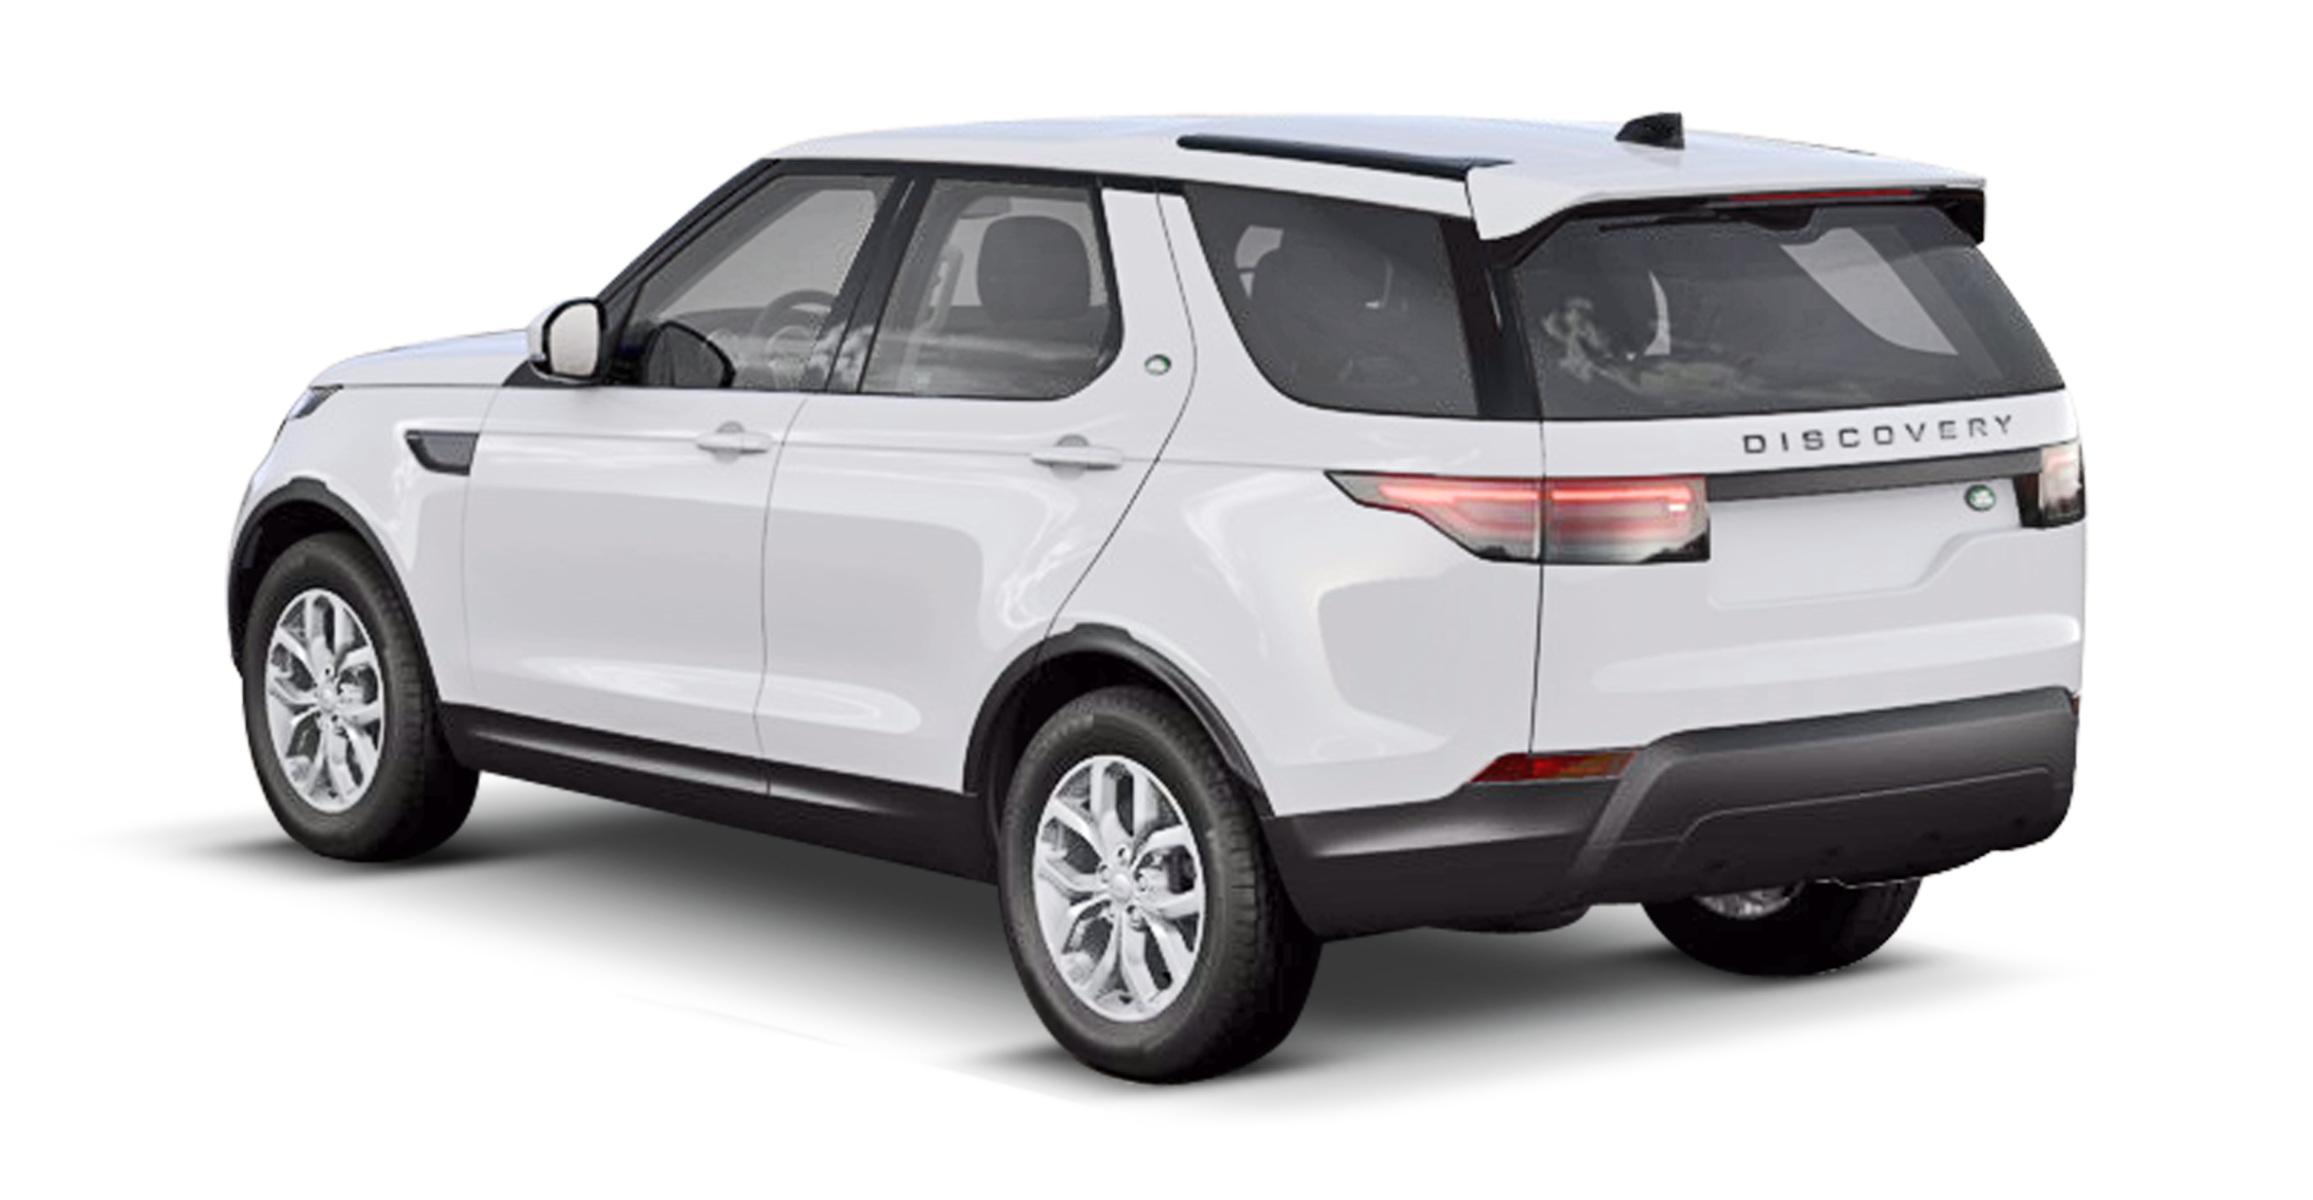 Range Rover Mini >> Listino Land Rover Discovery prezzo - scheda tecnica - consumi - foto - AlVolante.it